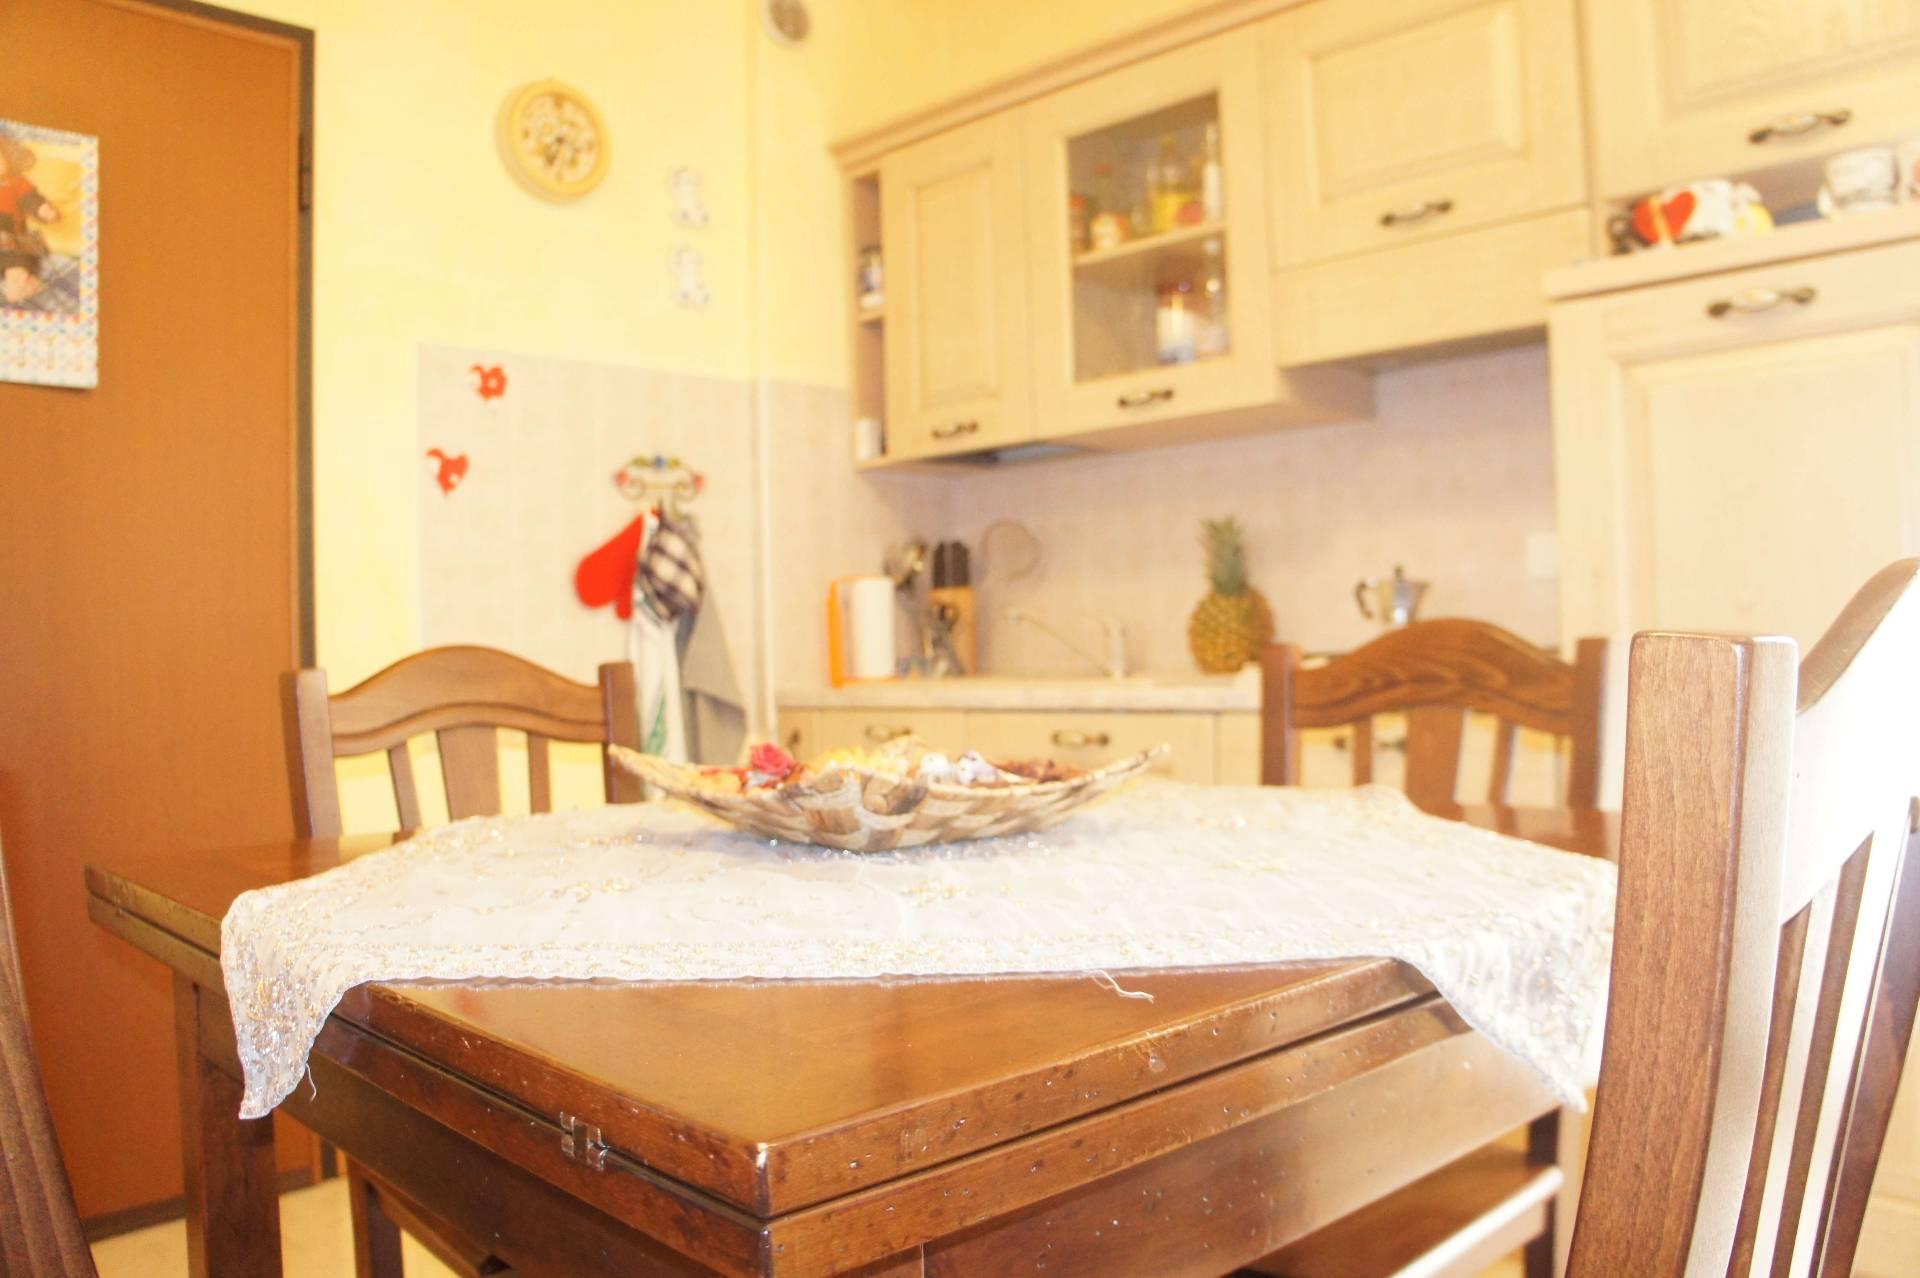 Appartamento in vendita a Musile di Piave, 3 locali, zona Località: centro, prezzo € 99.000 | Cambio Casa.it